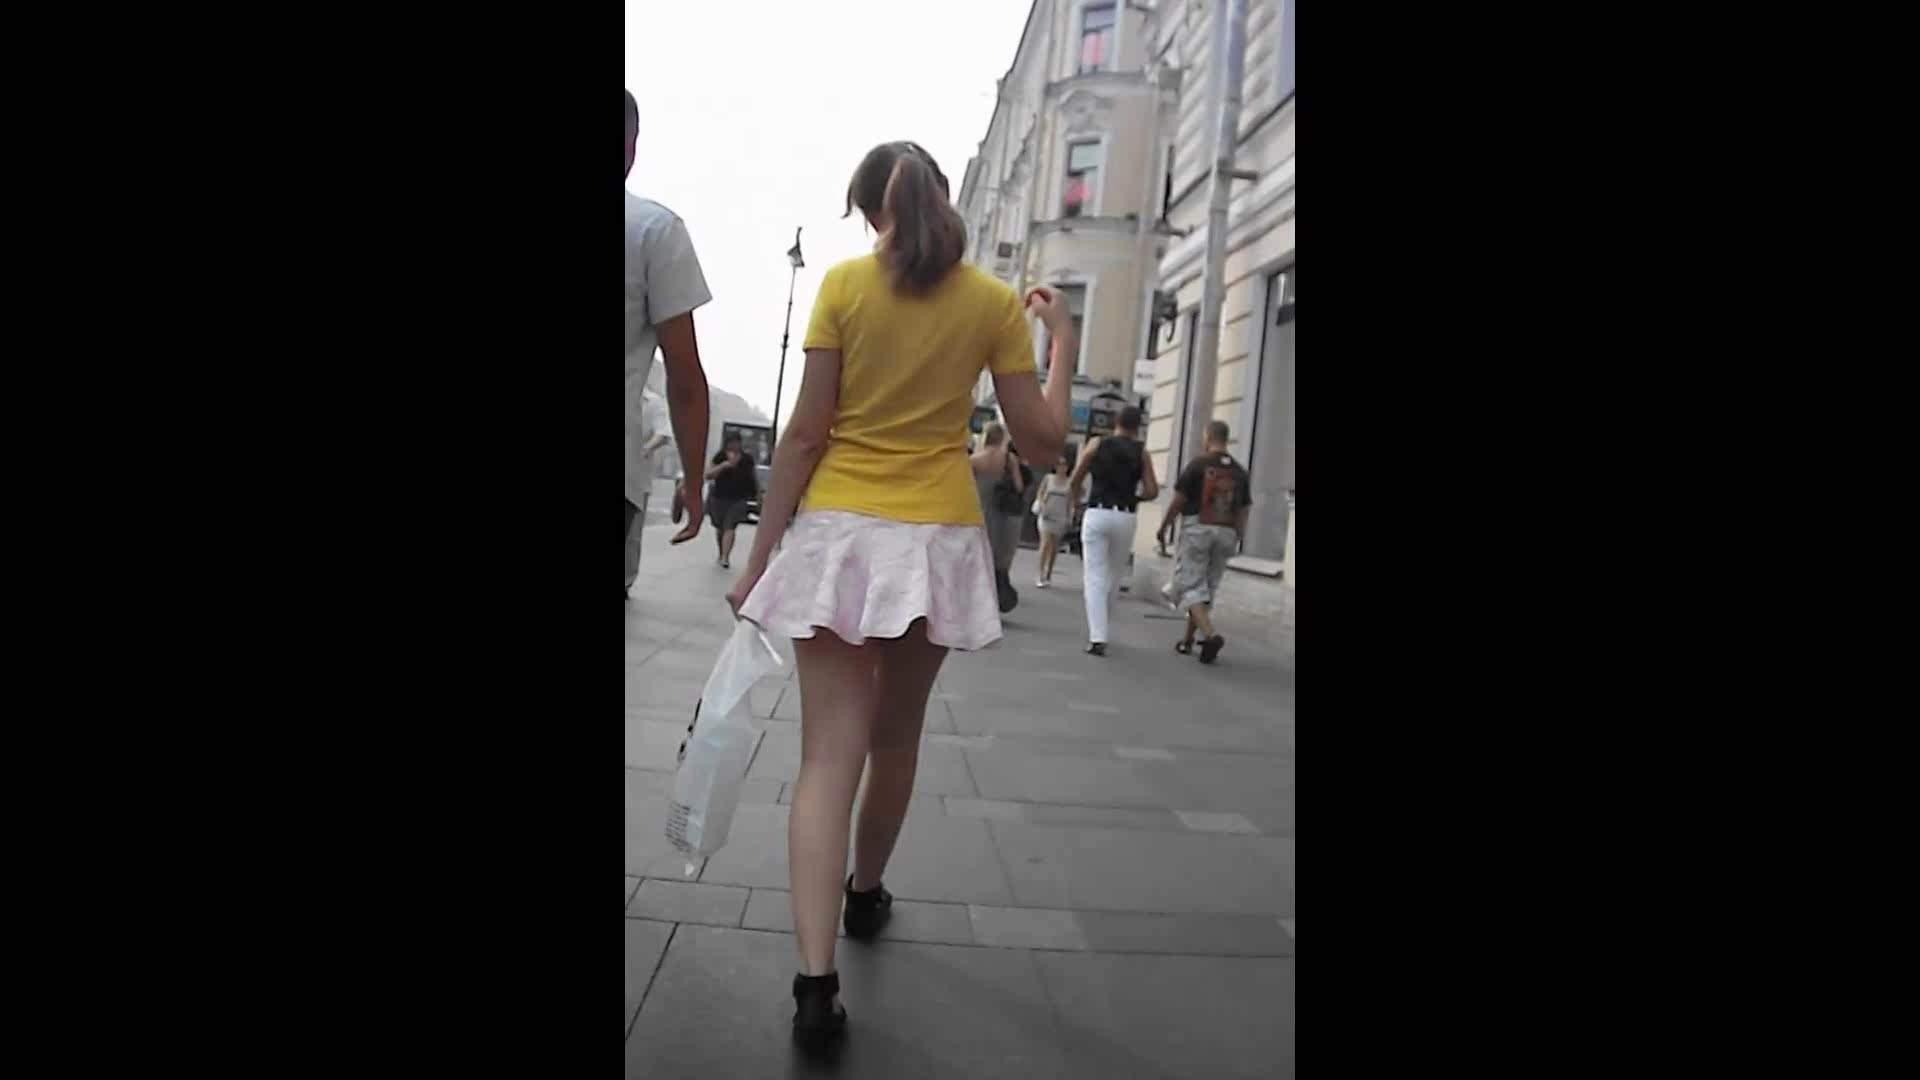 綺麗なモデルさんのスカート捲っちゃおう‼vol06 OL女体  94連発 34